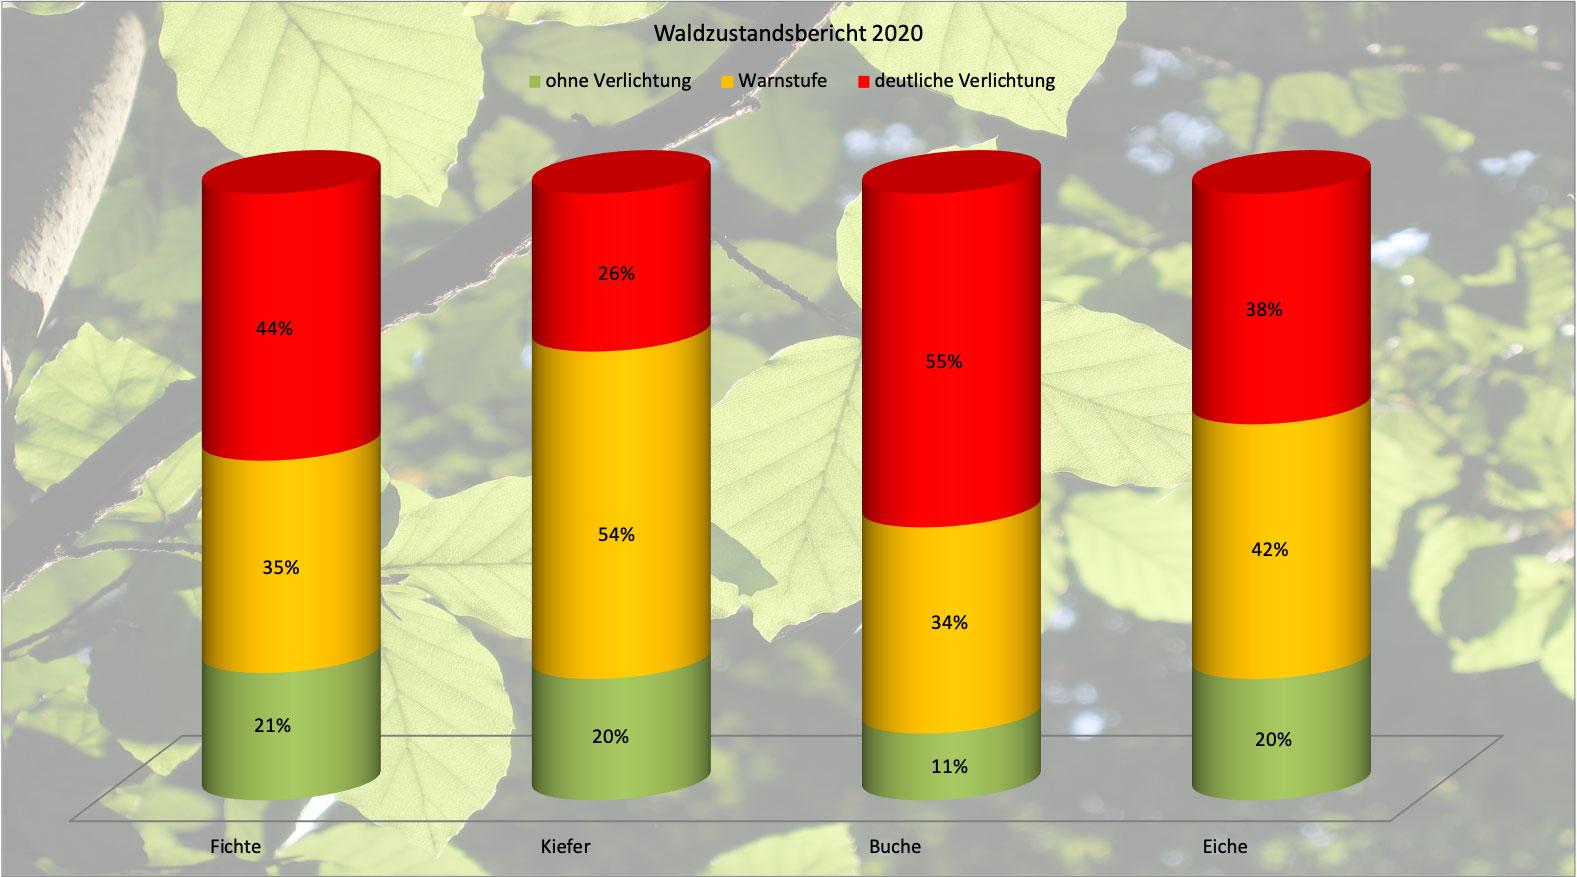 Waldzustandsbericht 2020 Deutschland